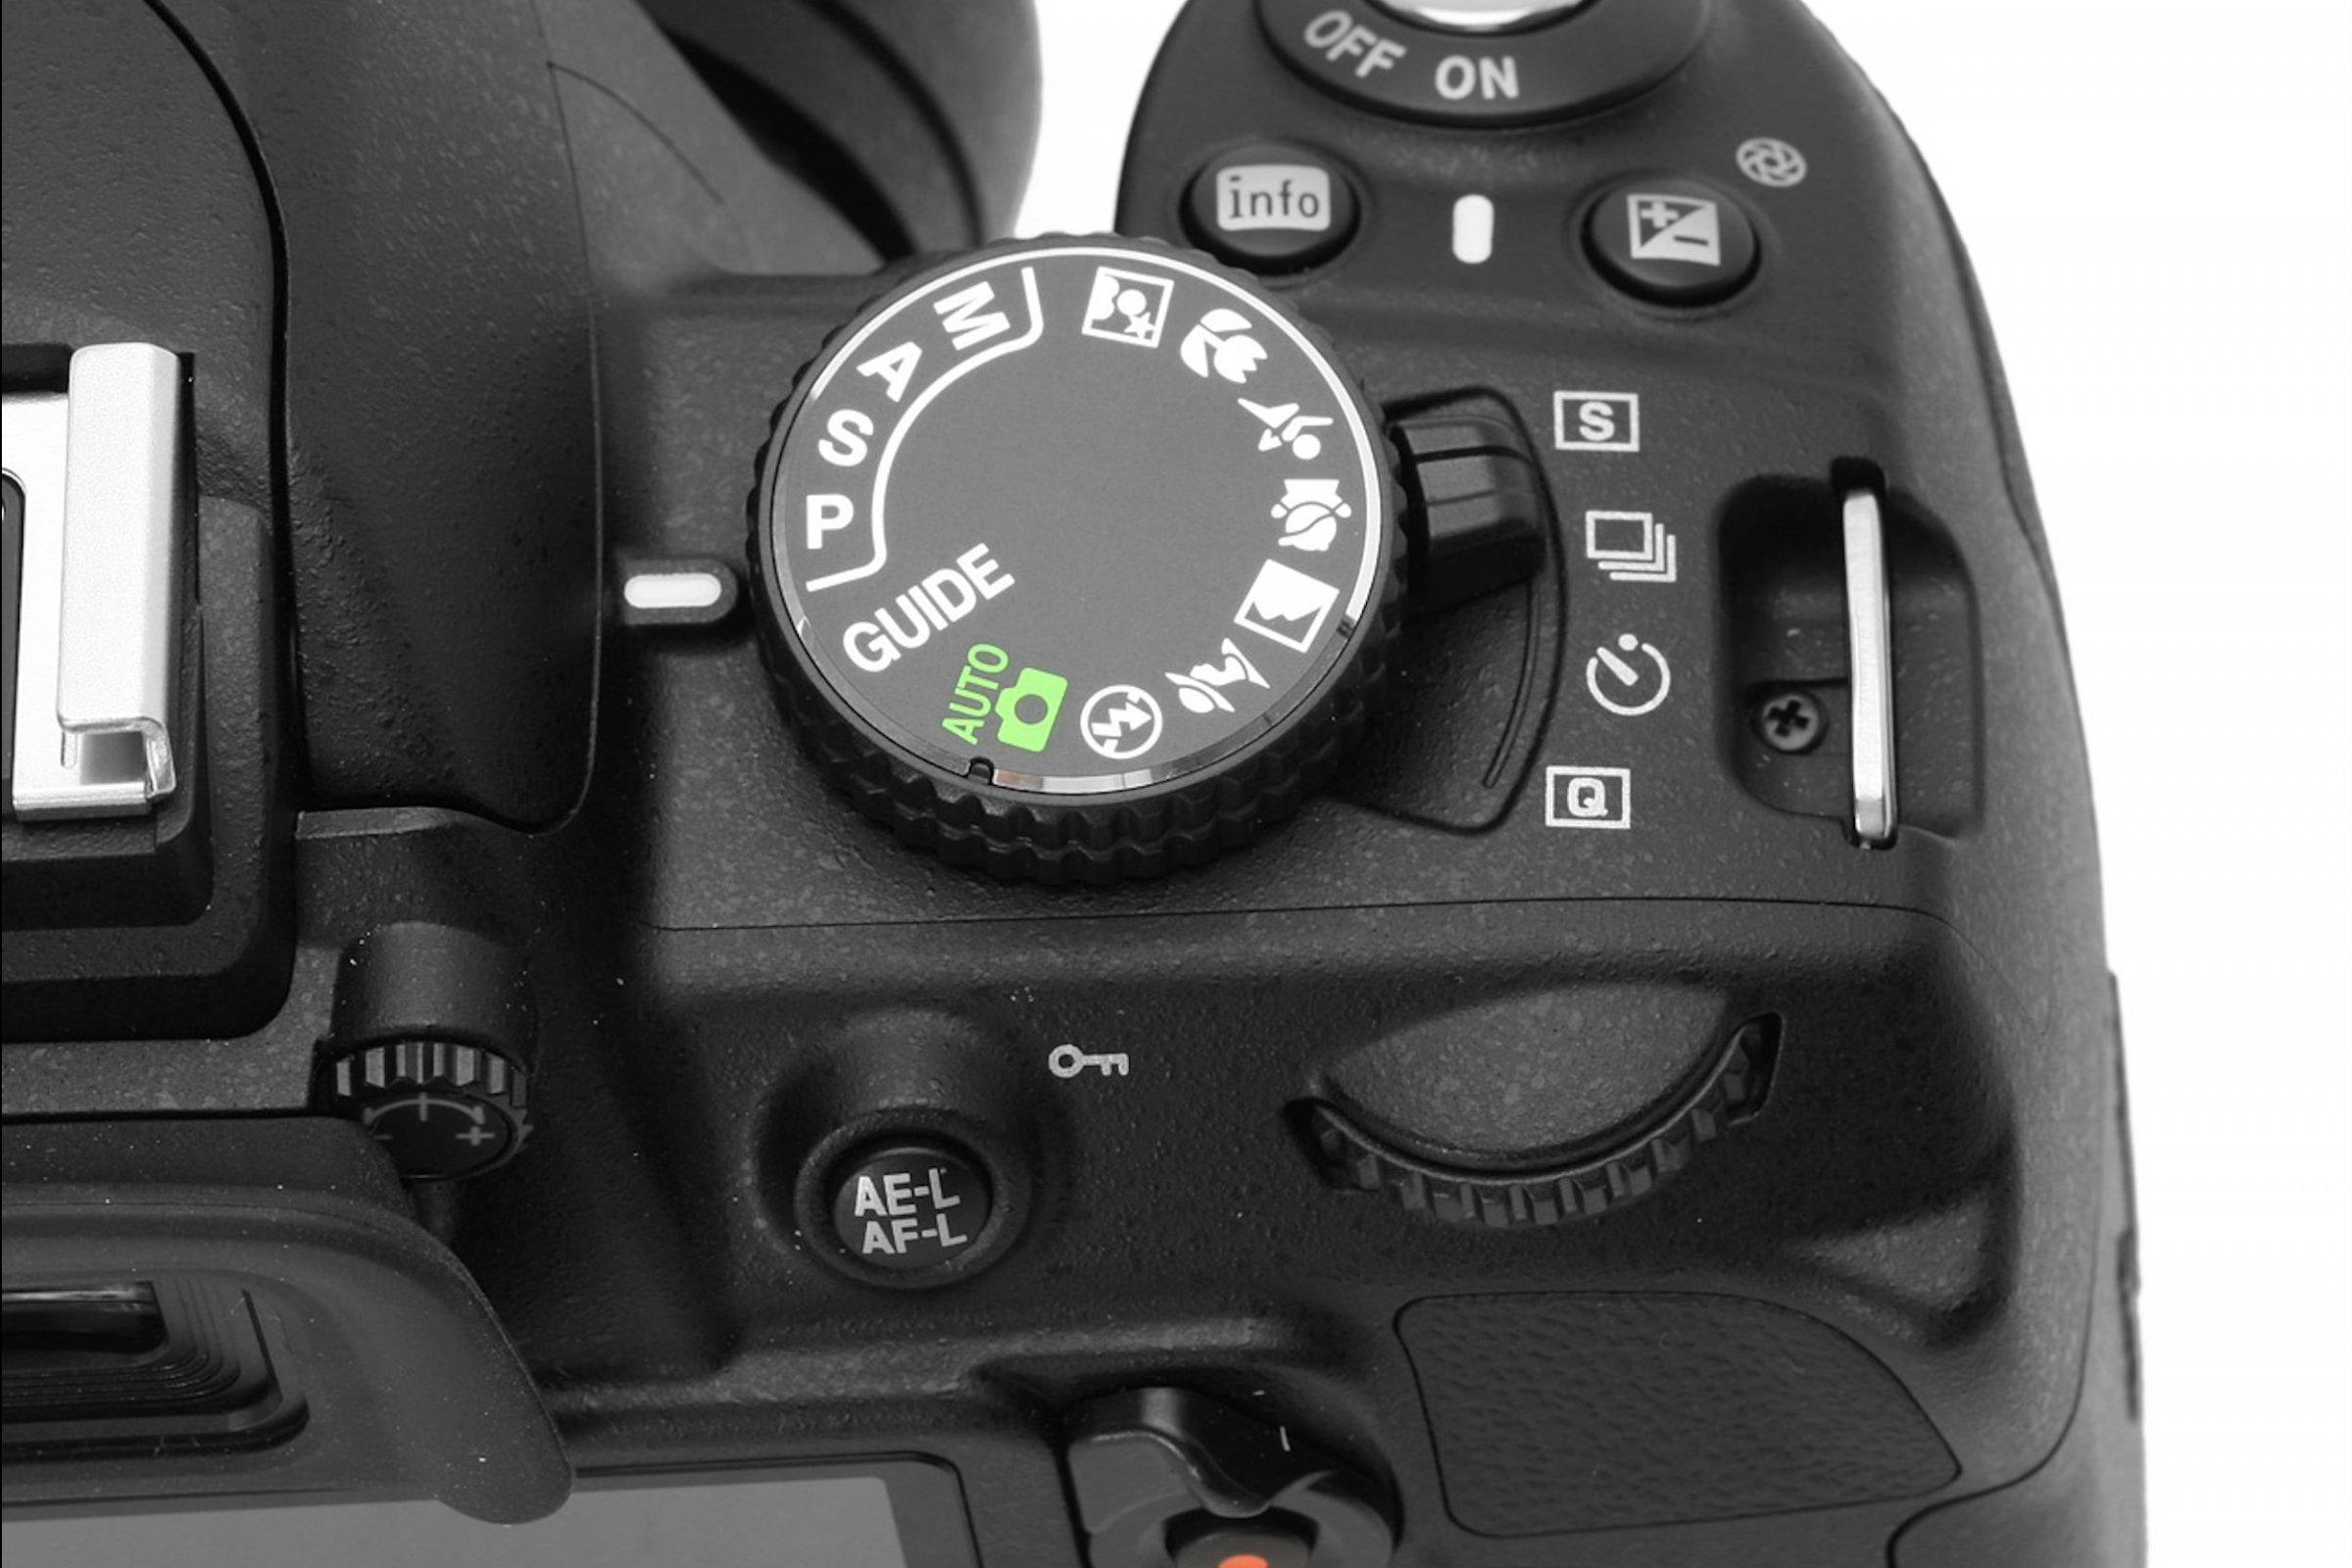 также при ручном режиме без вспышки черная фотография здесь